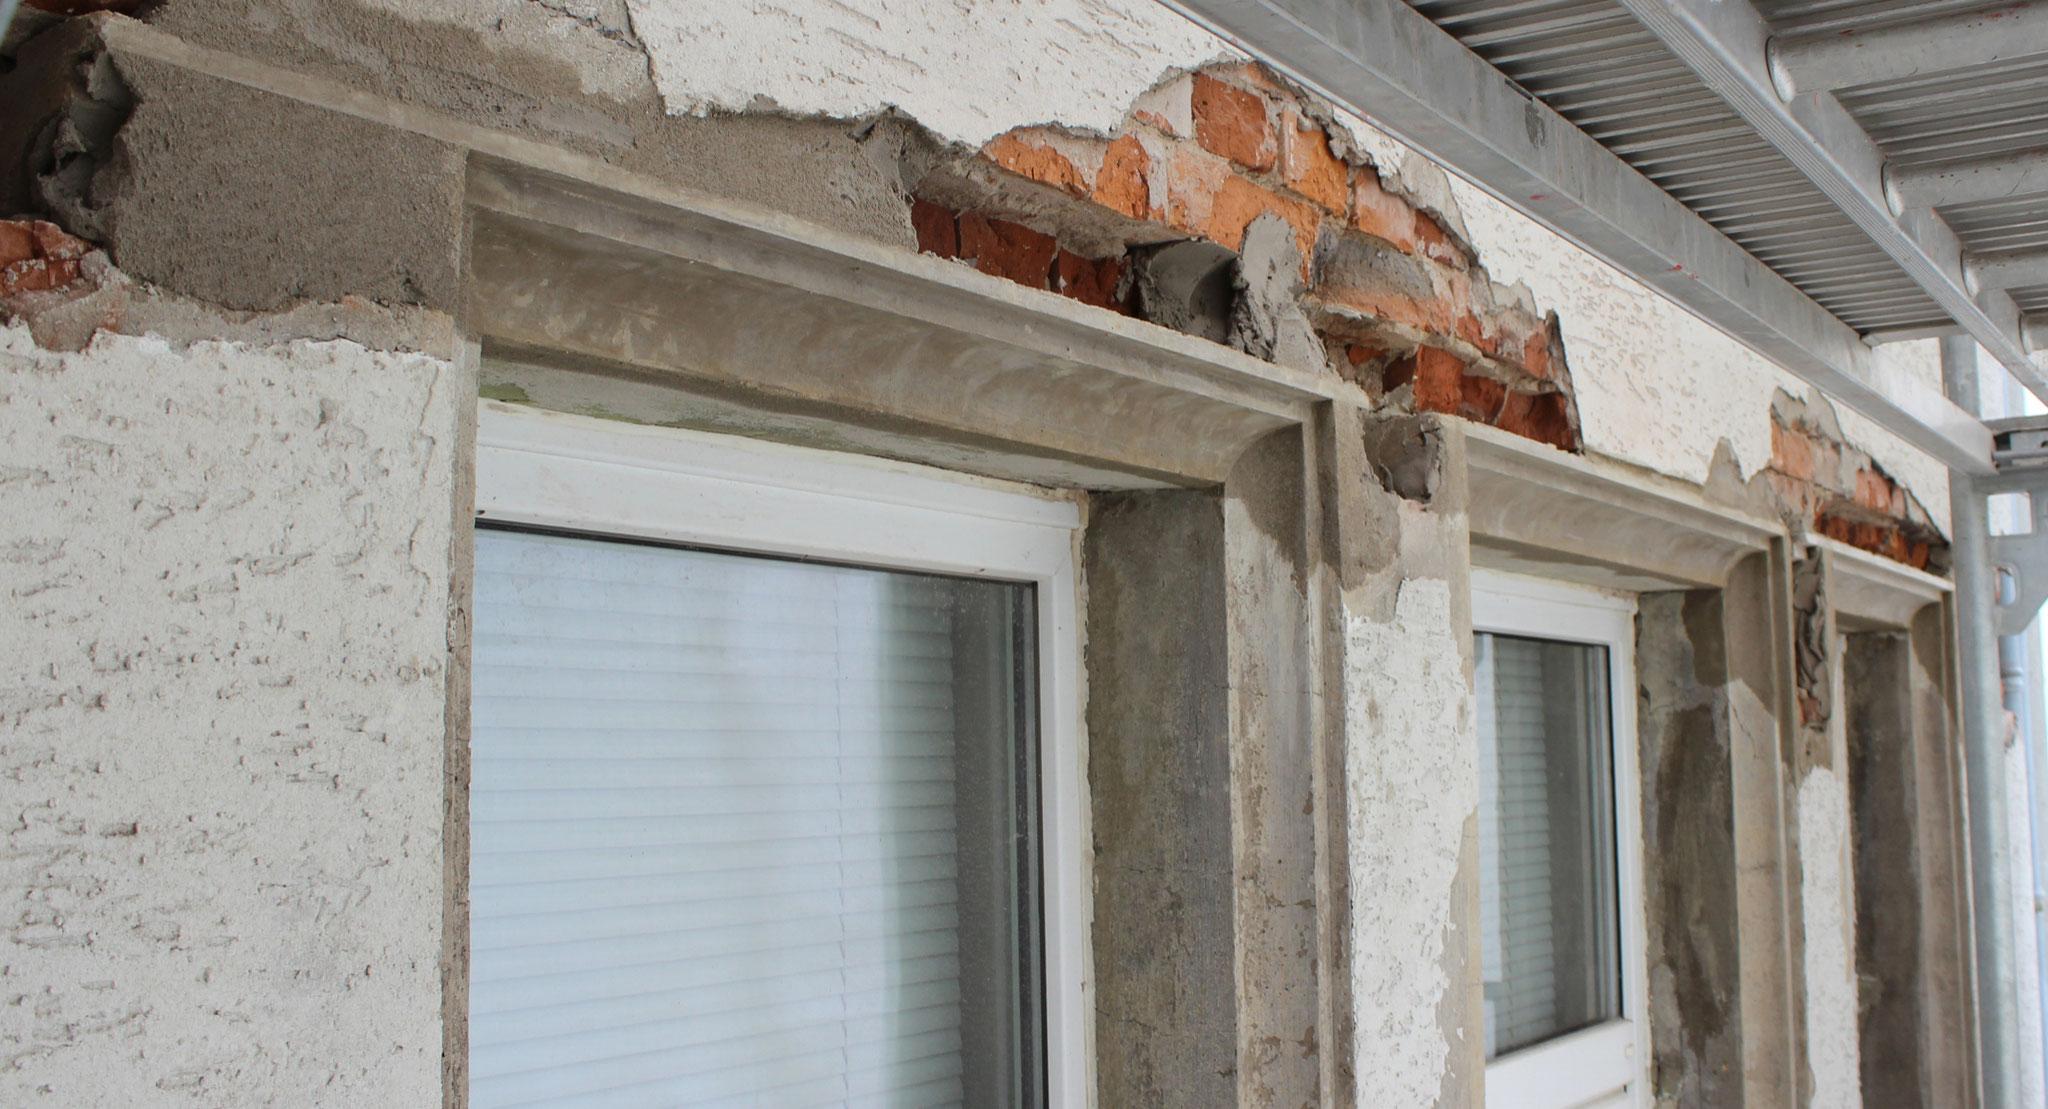 Versetzte Fensterfaschenprofile; Sturz in Romanzement